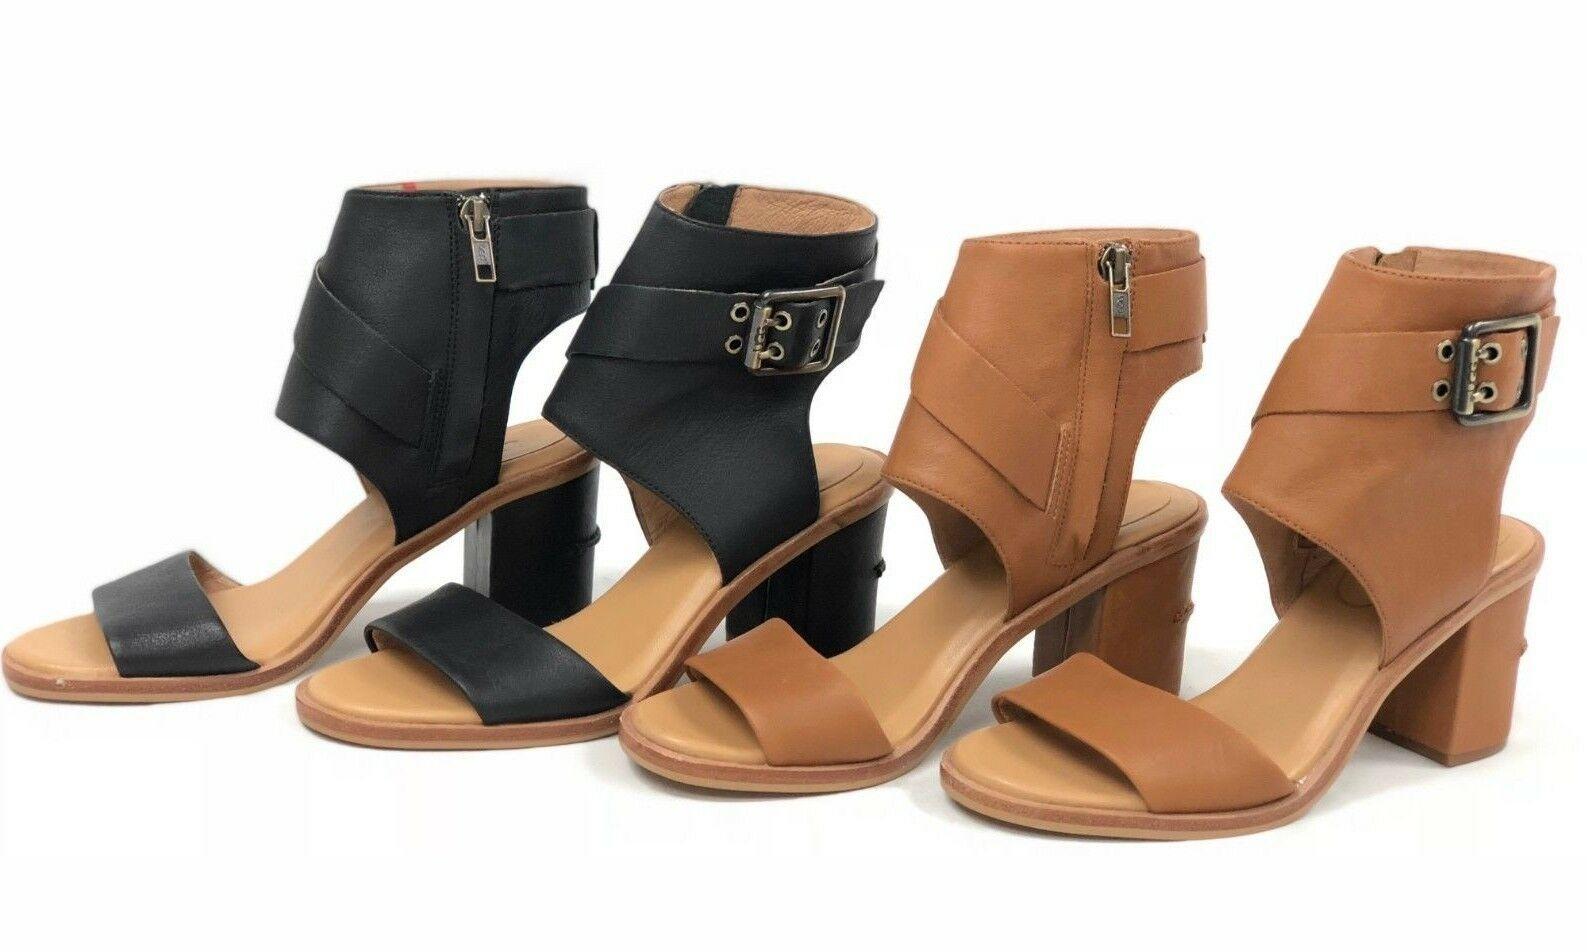 ef8405795 UGG Australia Claudette Leather Heeled Sandals Almond Black Side Buckle  1090433